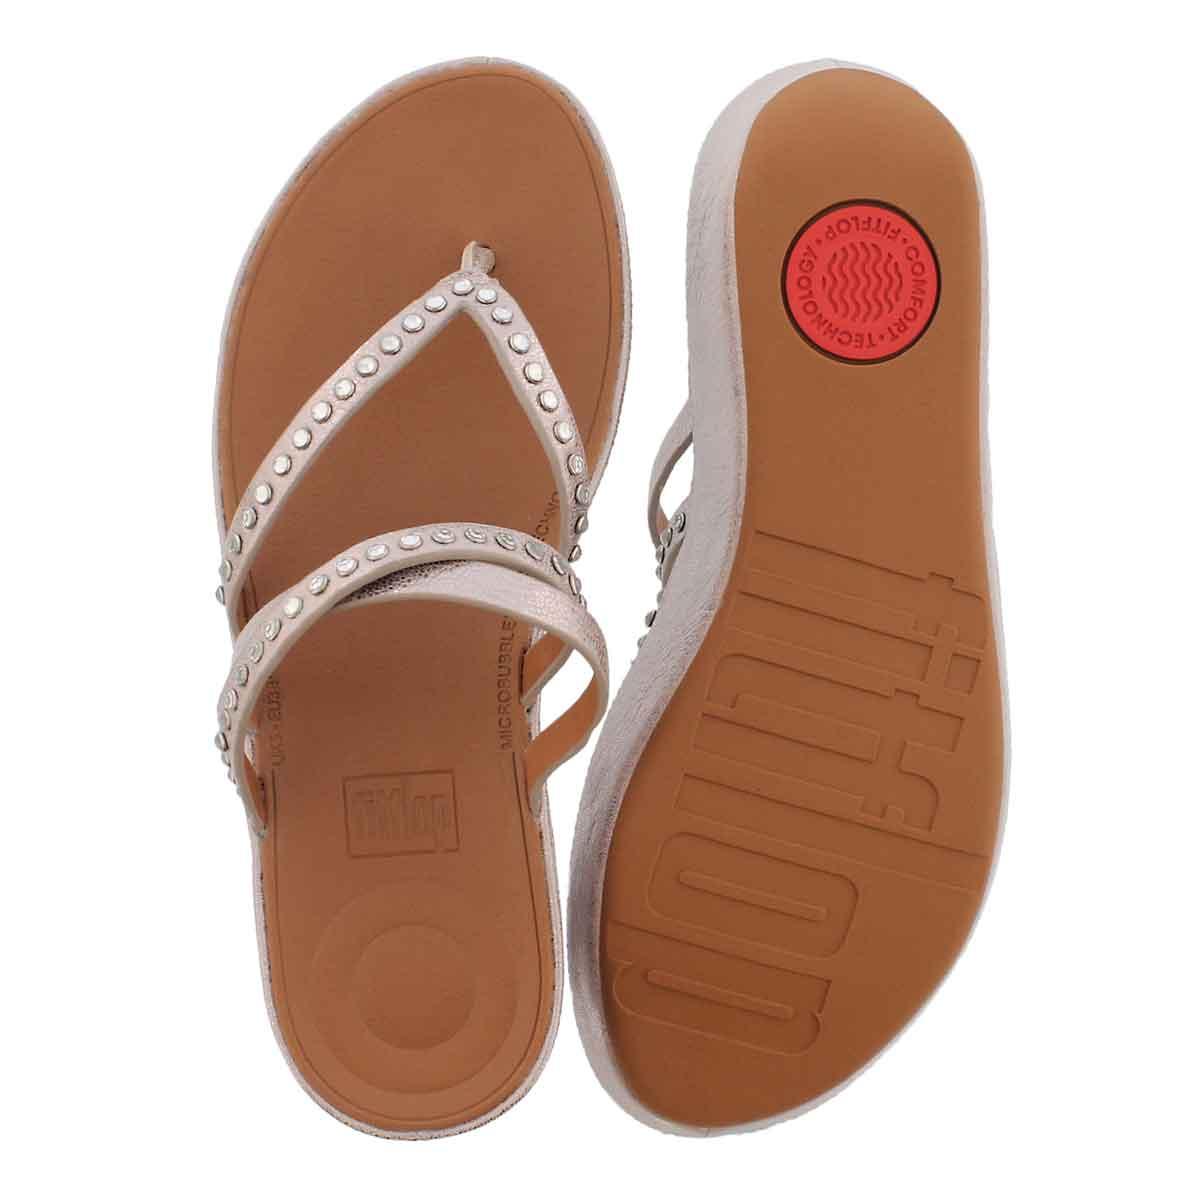 Lds Linny Crystal mtl brnz thong sandal